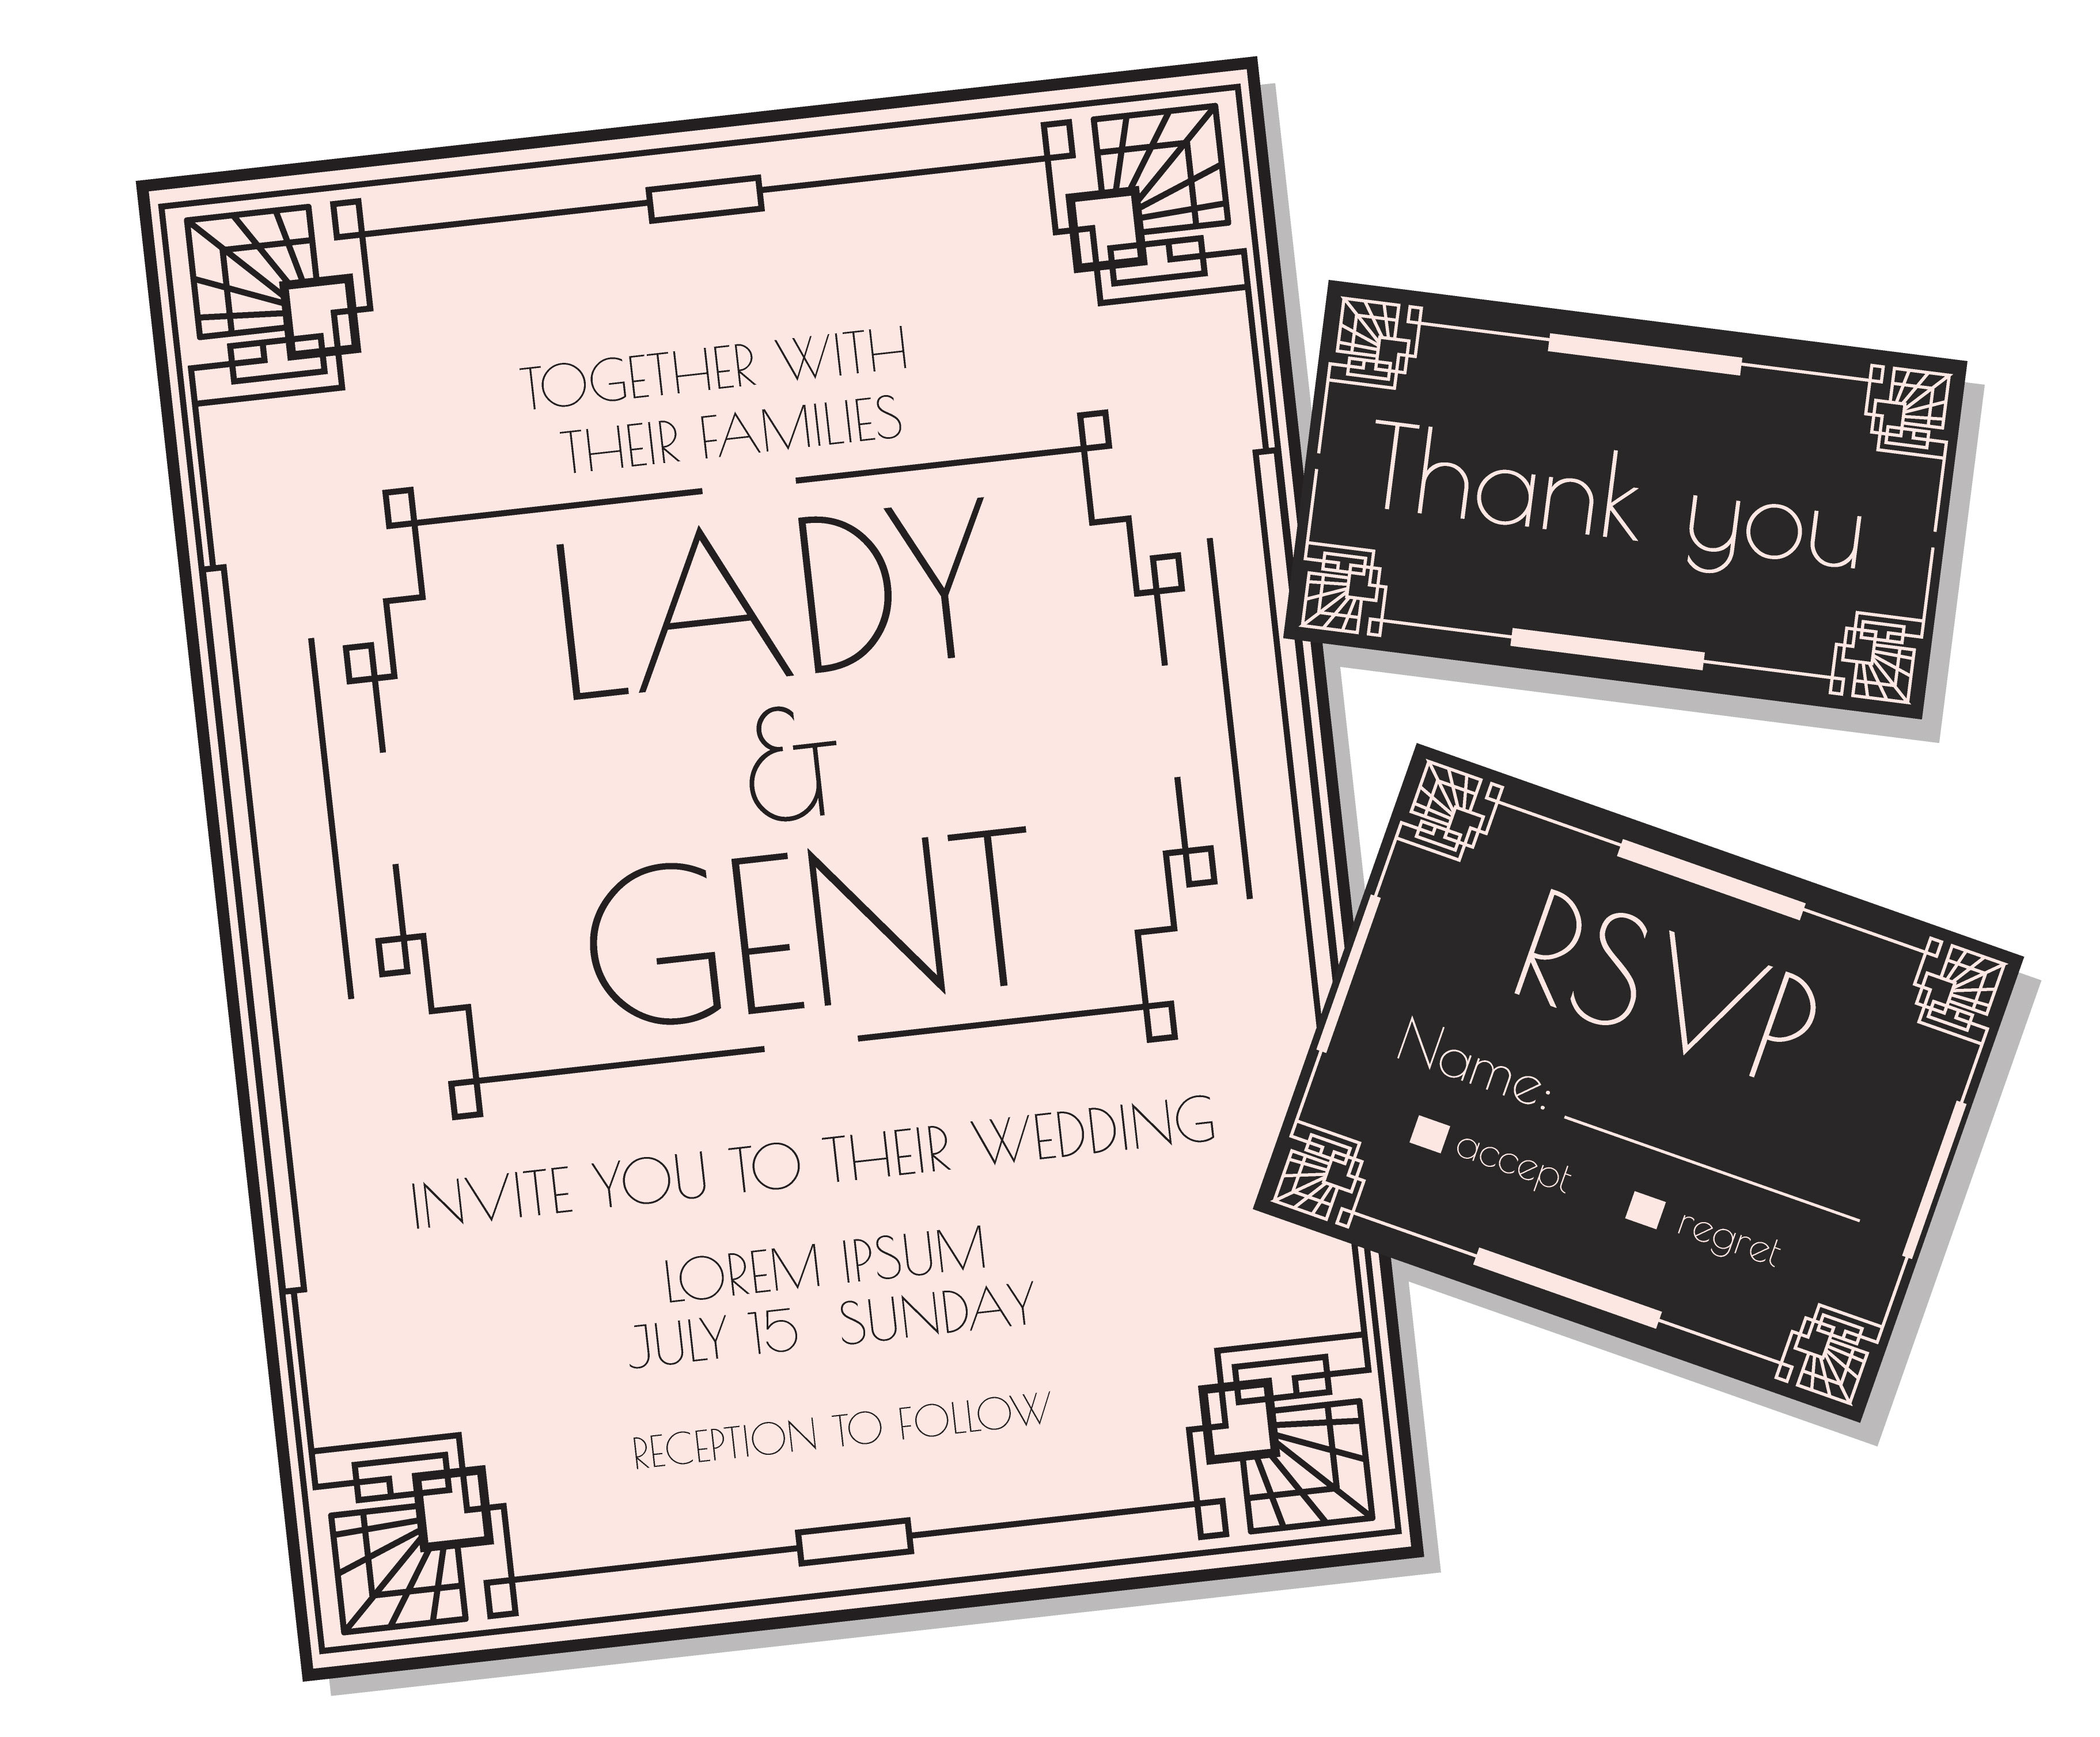 Vector Wedding Invitations: Soft Pink Art Deco Wedding Invitation Vector